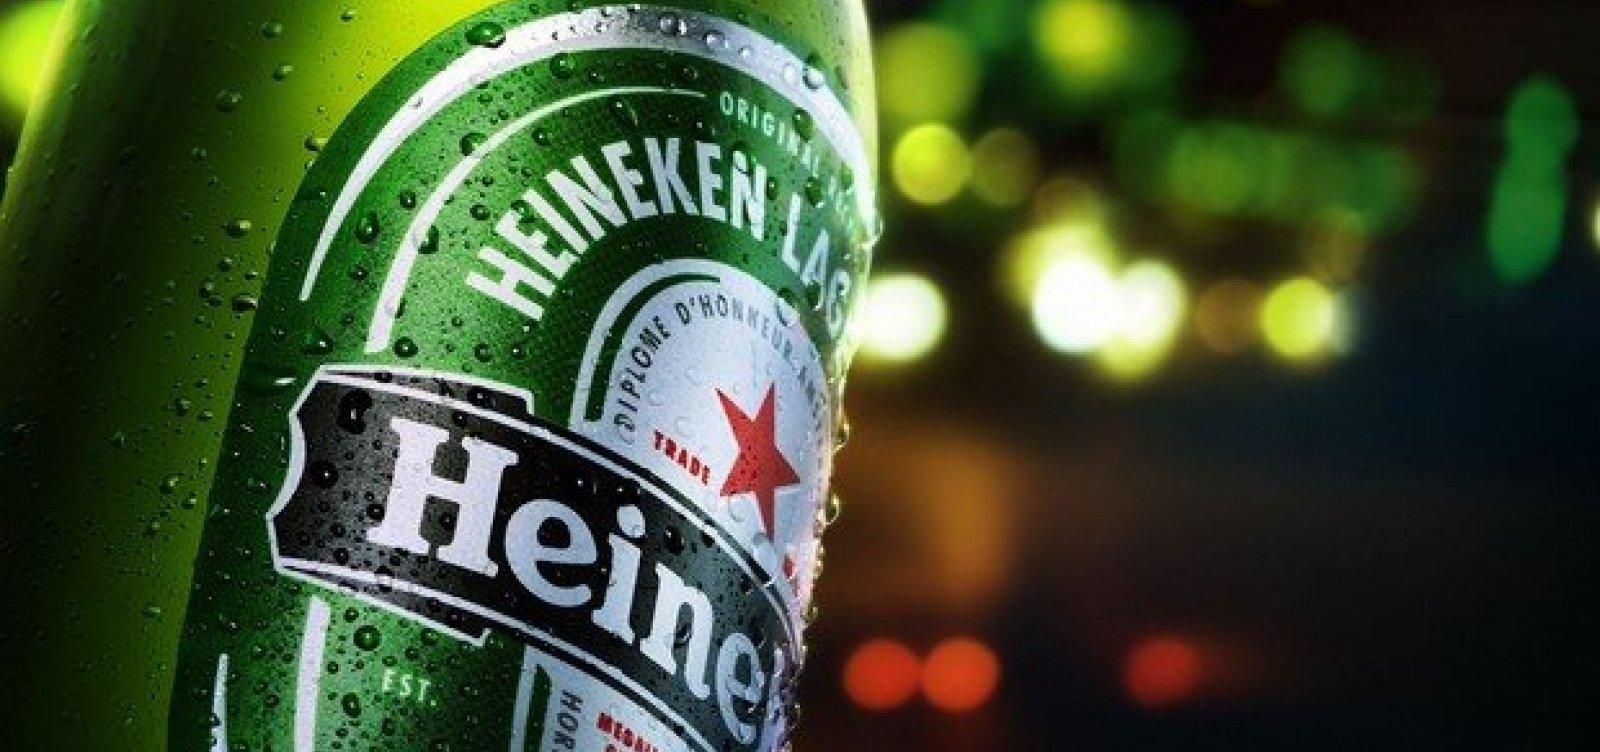 [Heineken quer disputar com Ambev pelo Carnaval de Salvador]